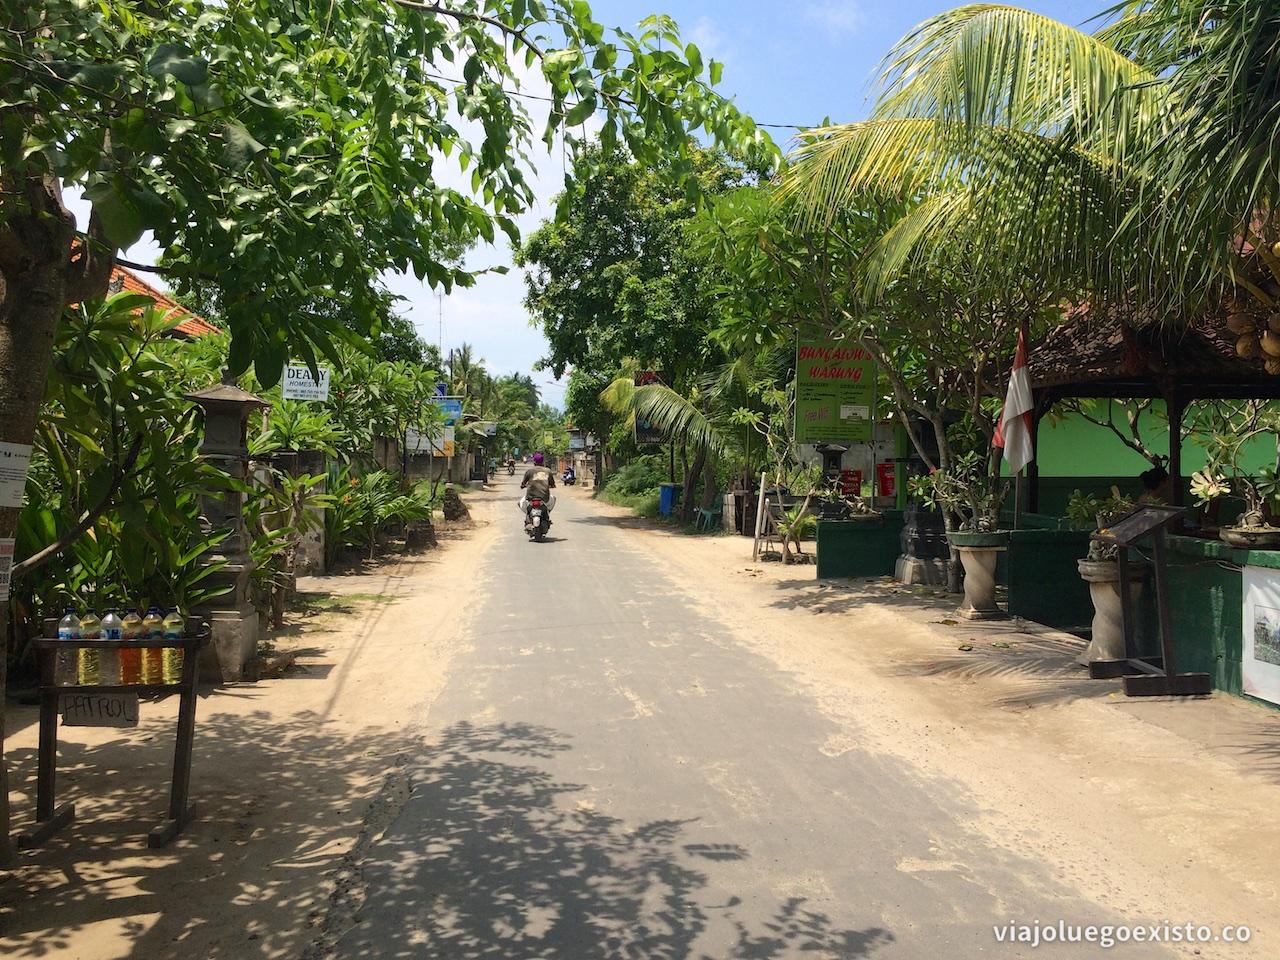 Calle principal de Jungut Batu